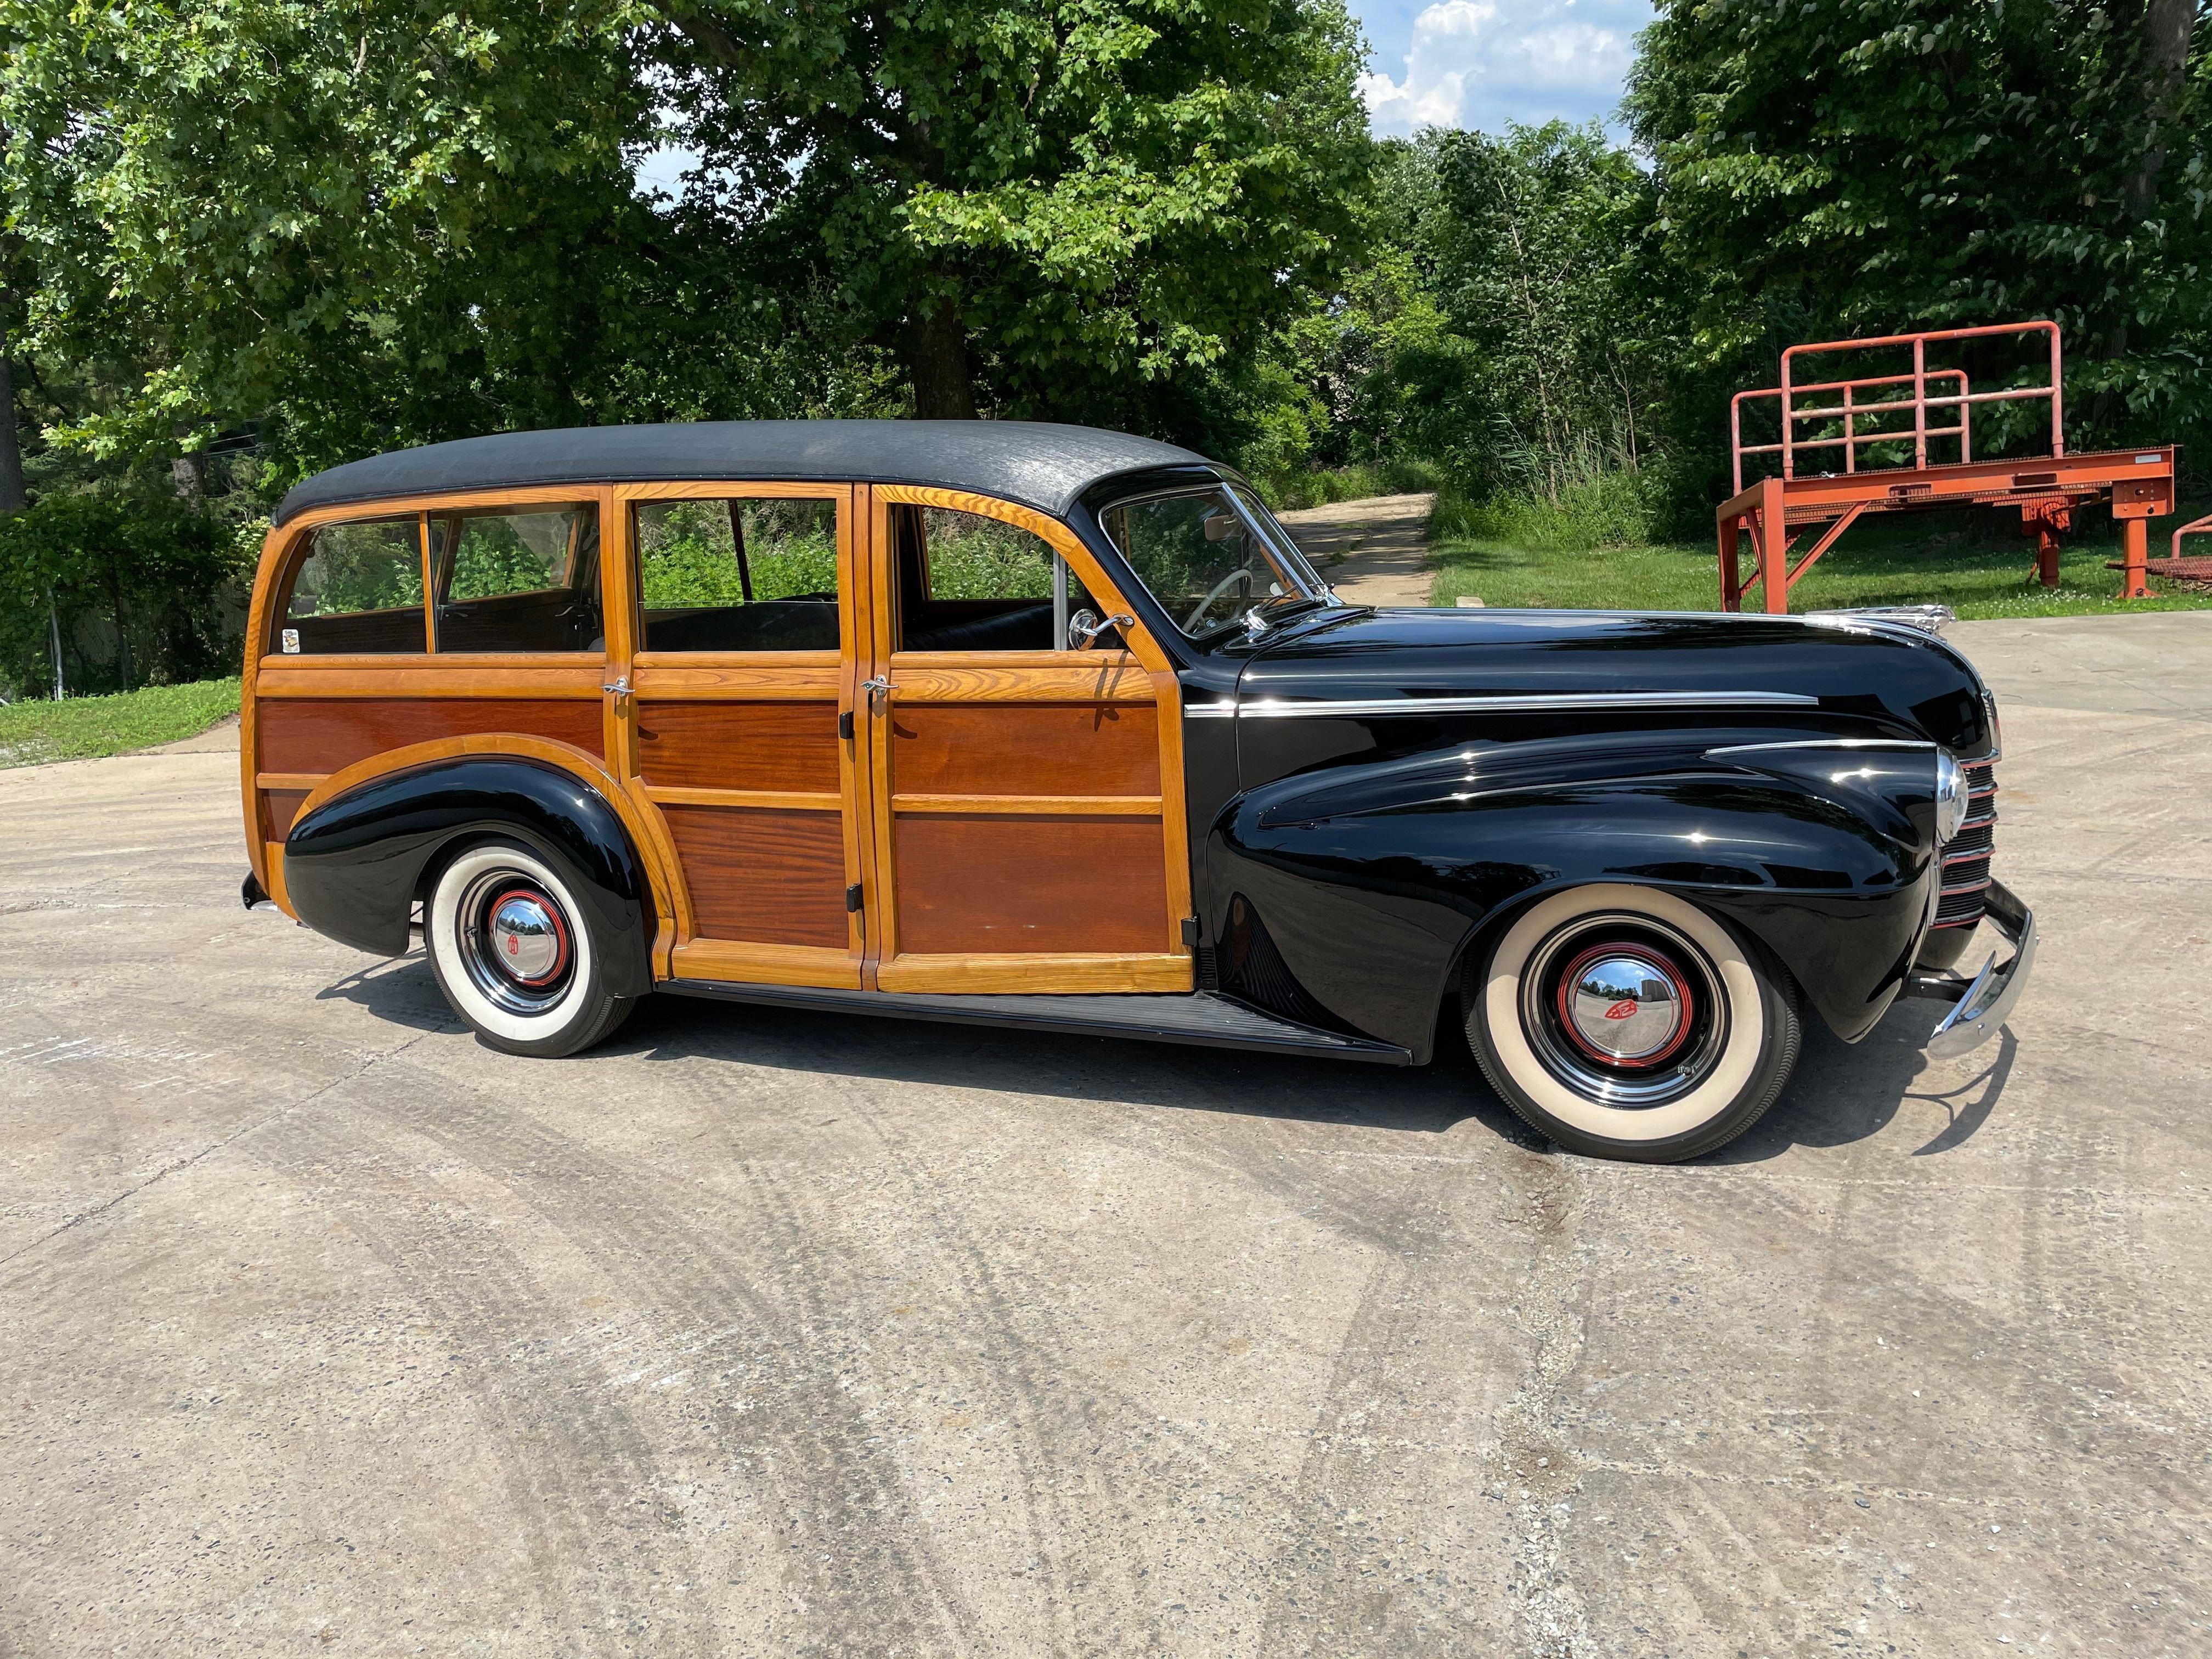 1940 Oldsmobile Series 70 Woodie Wagon